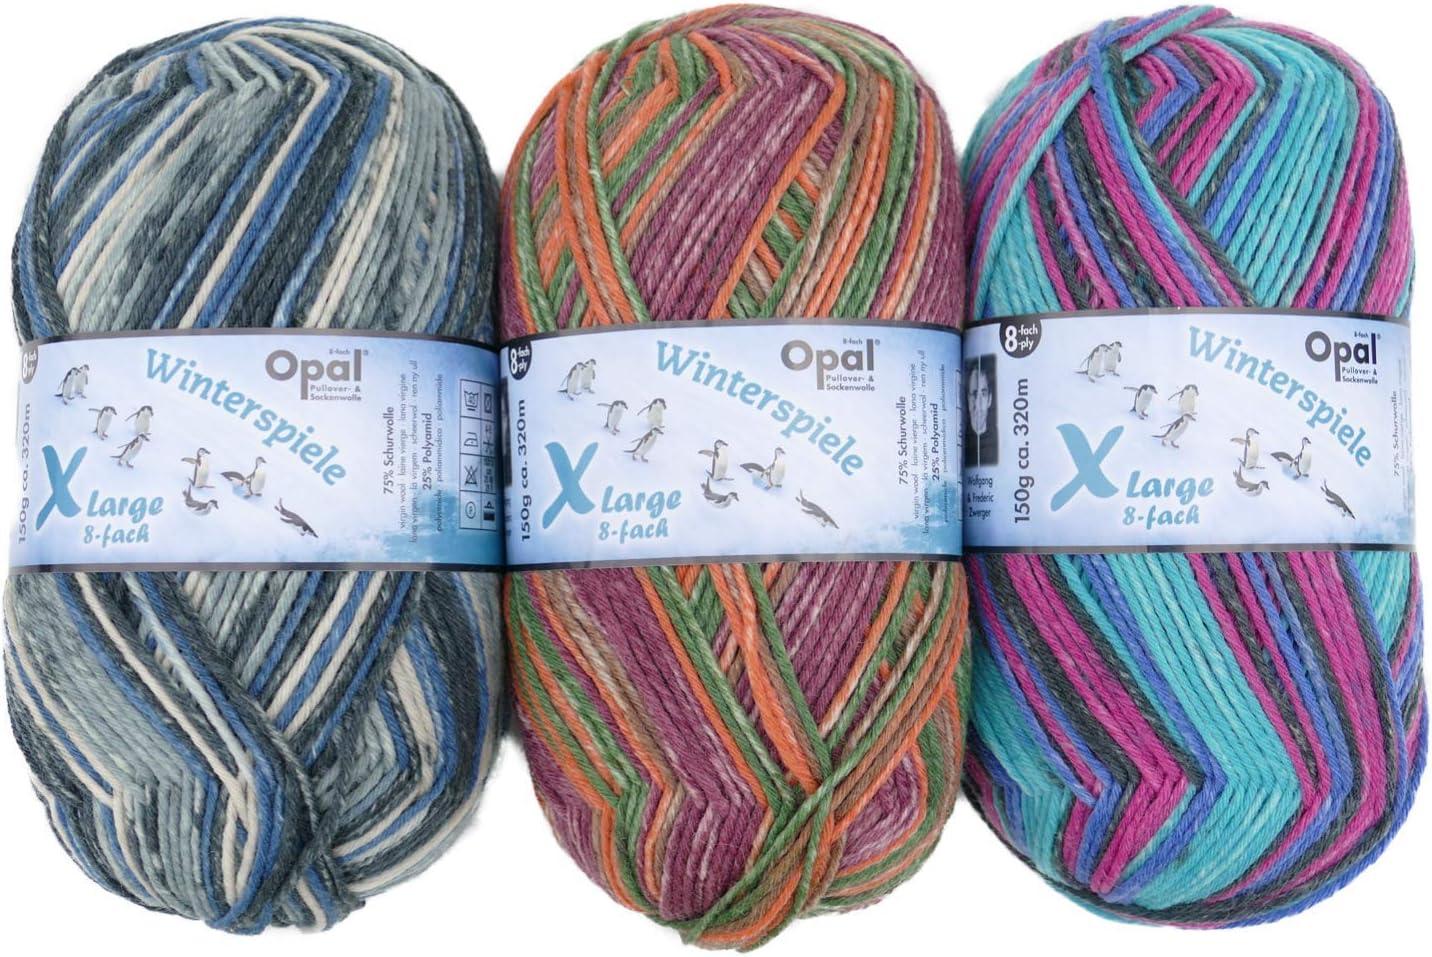 Opal Sockenwolle 150g XLarge Schneeglöckchen 7,50 EUR//100 g Schneepfad